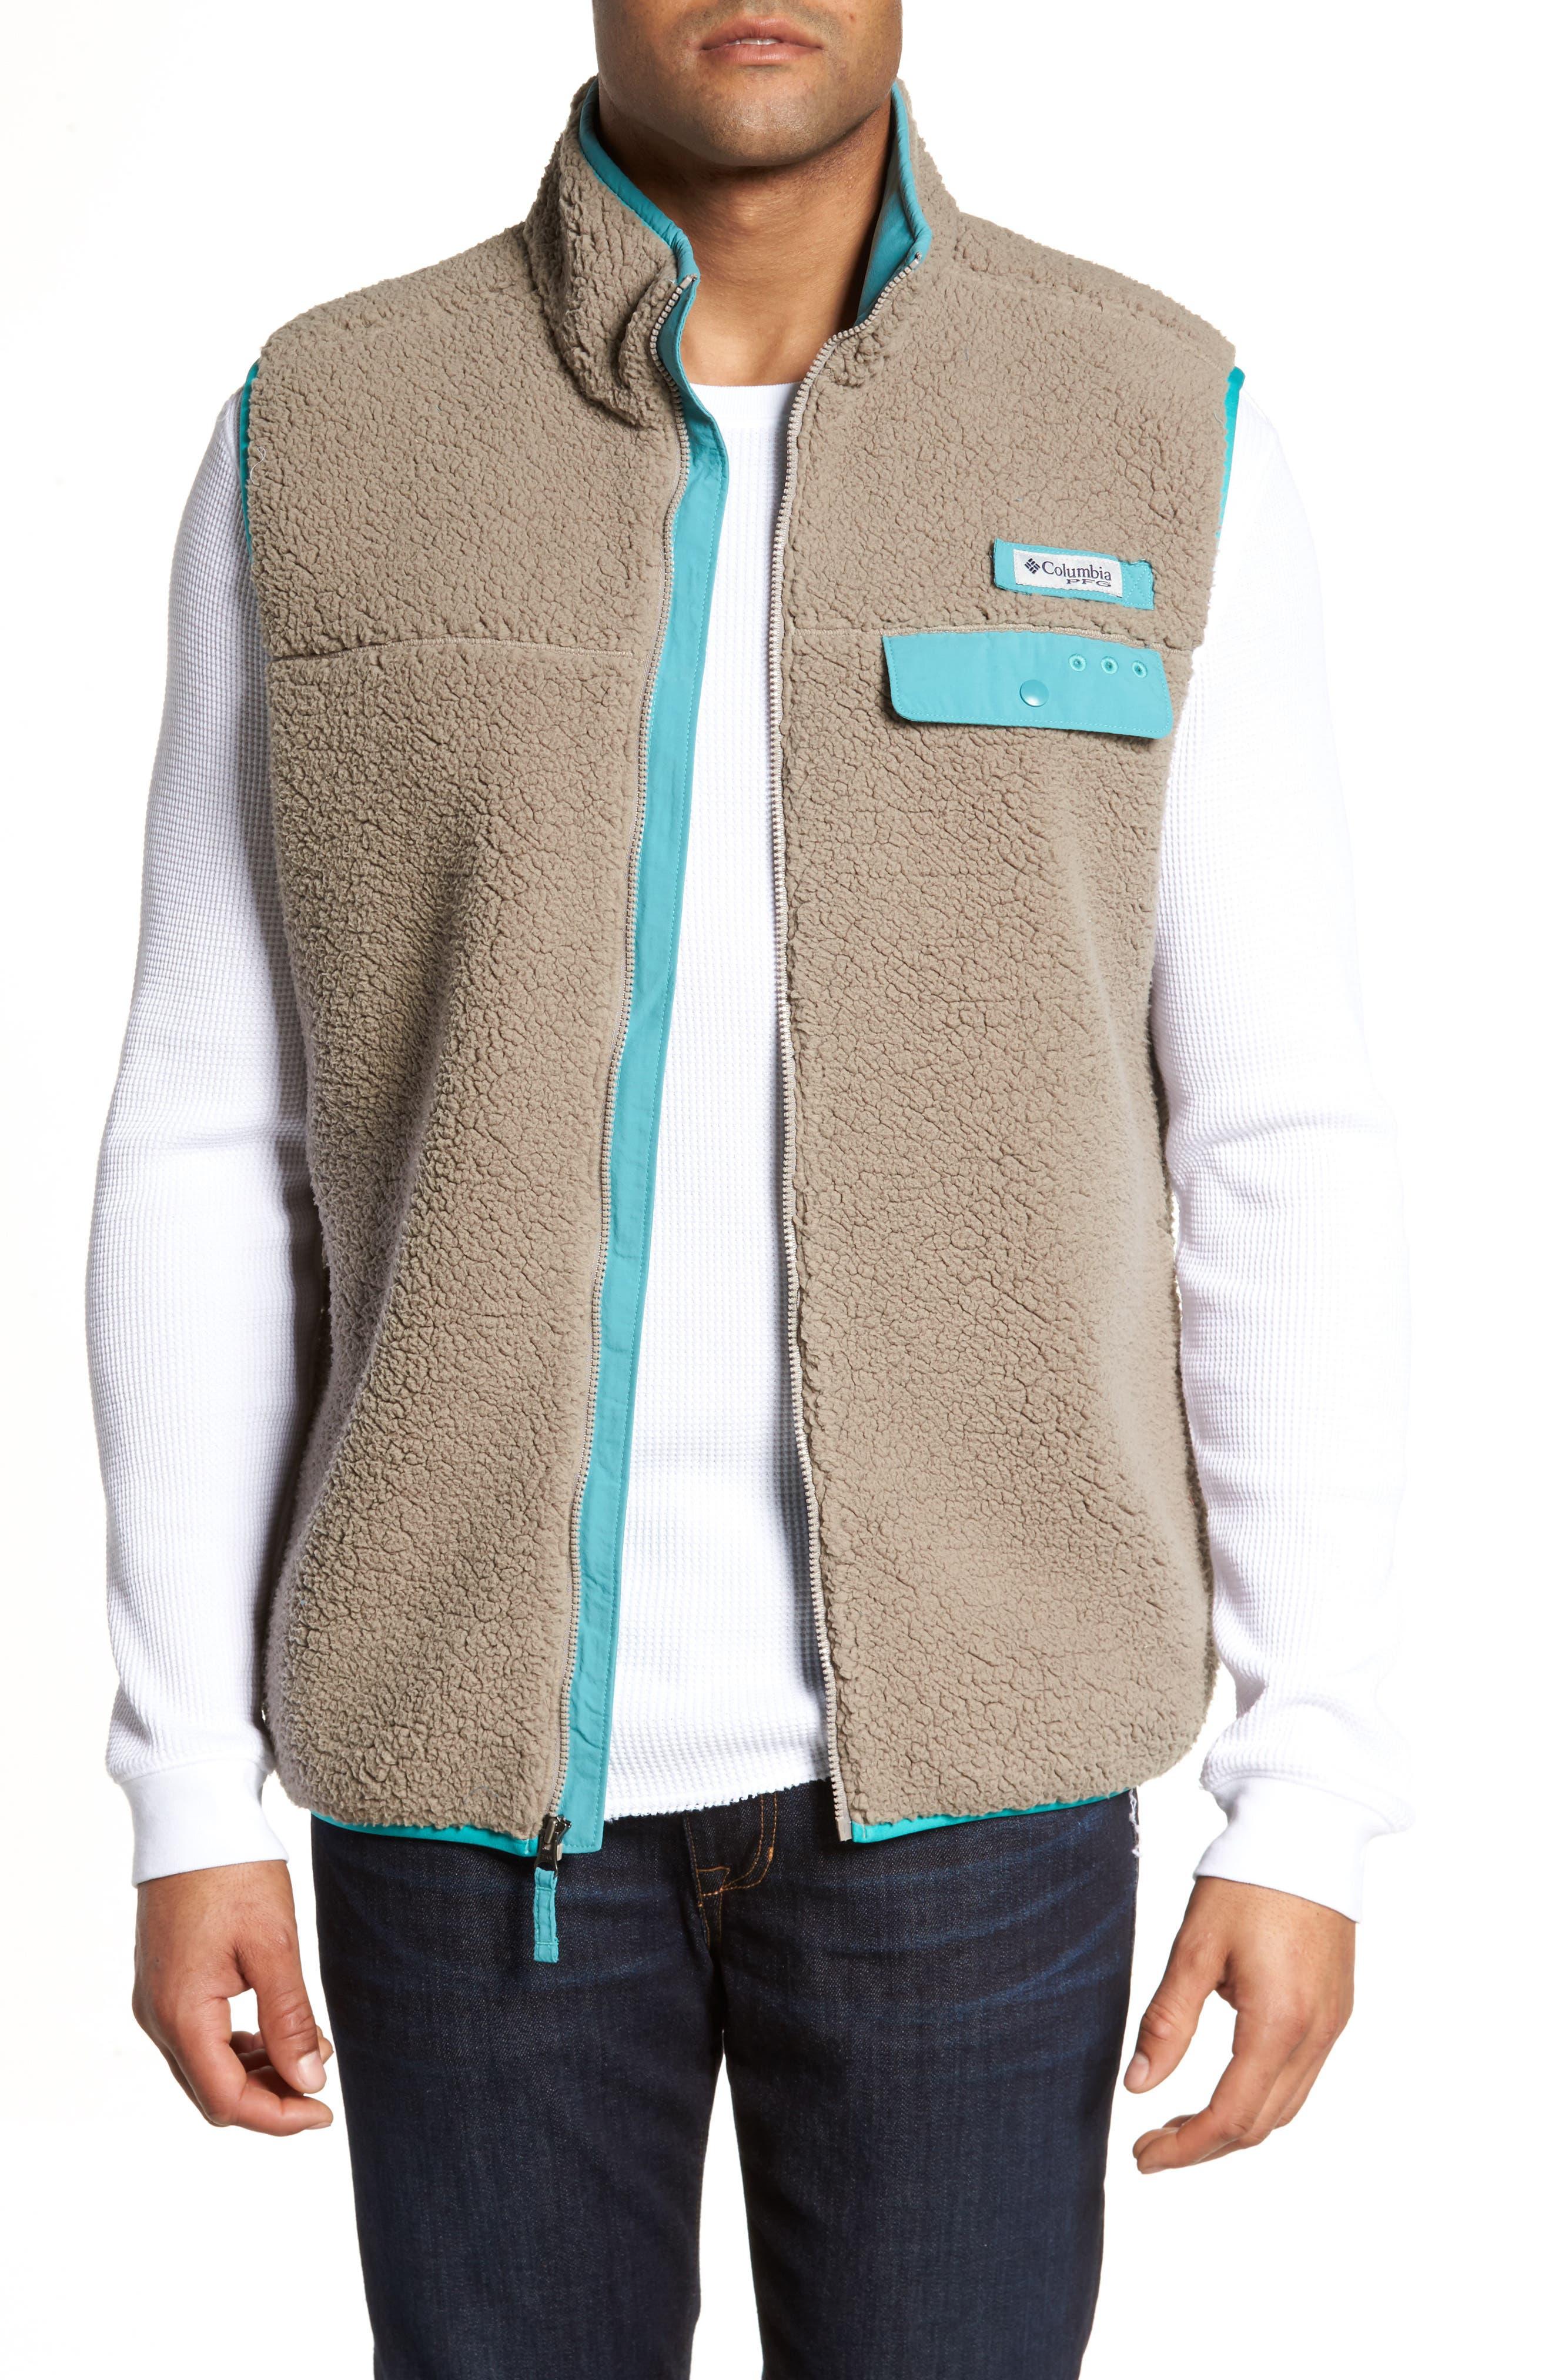 Sportswear Harborside Heavyweight Fleece Vest,                         Main,                         color, Kettle/ Teal